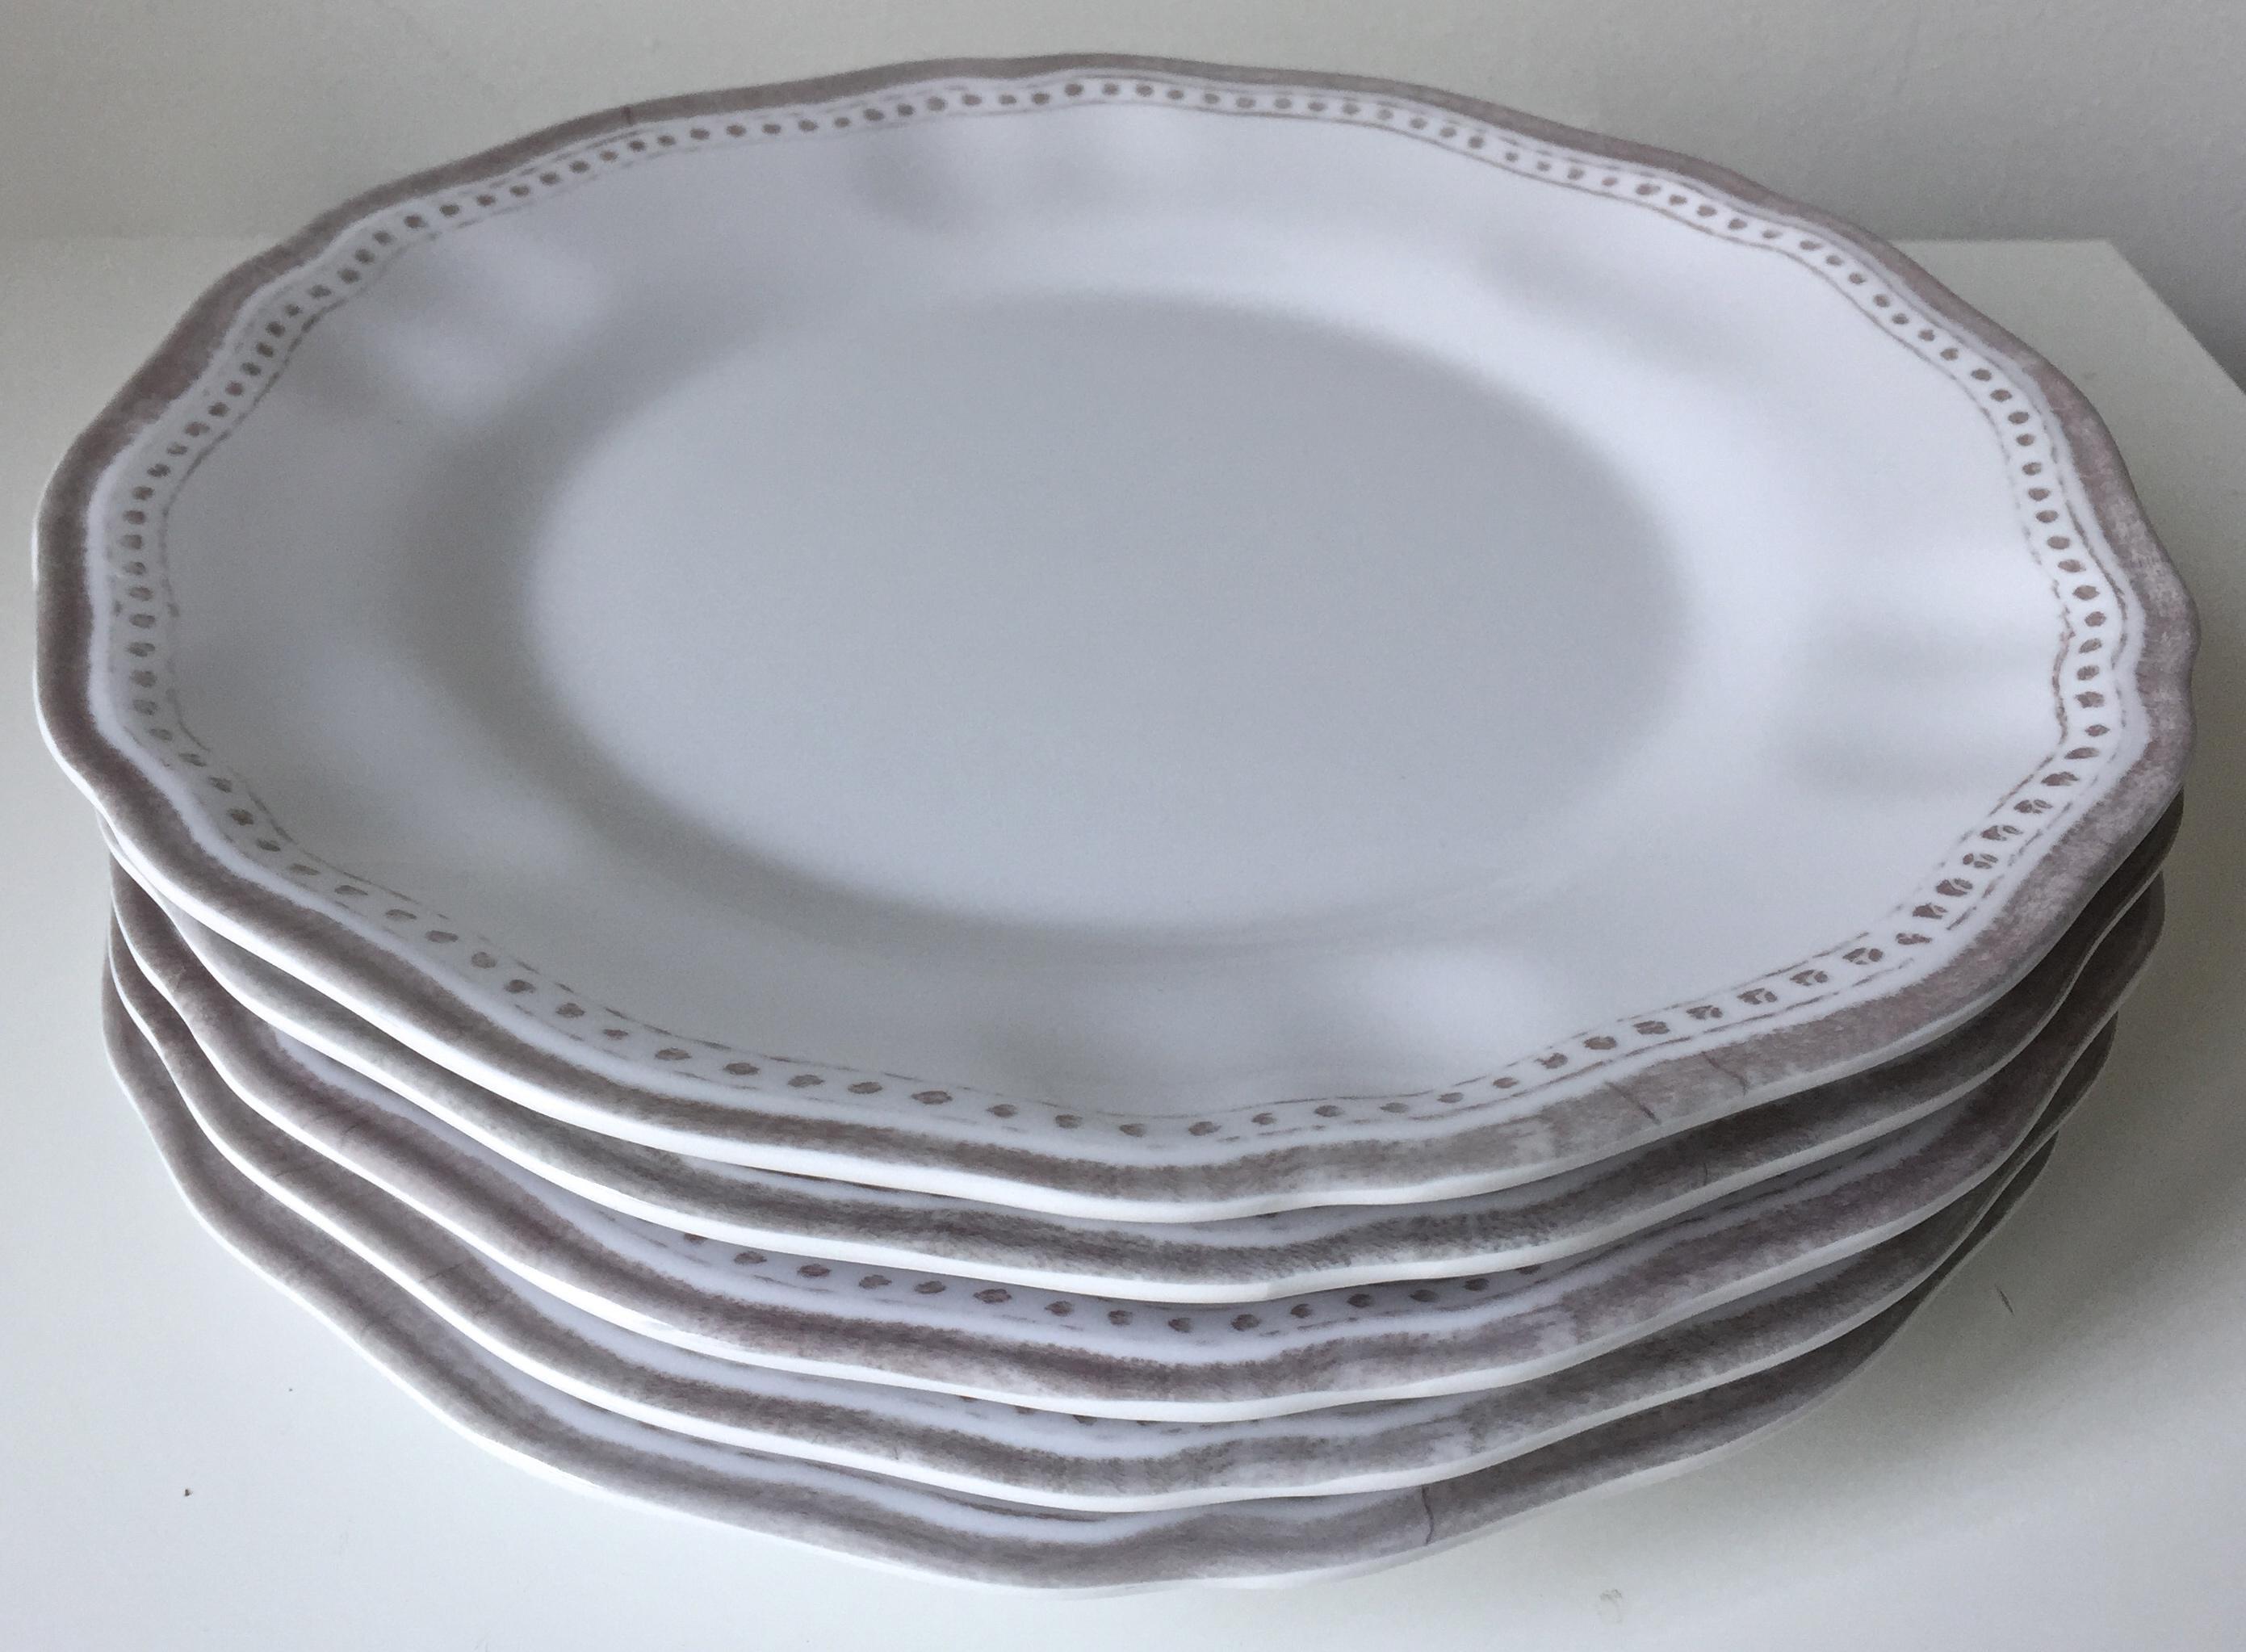 Le Cadeaux \ Provence\  White Melamine Plates - Set of 5 - Image ...  sc 1 st  Chairish & Le Cadeaux \